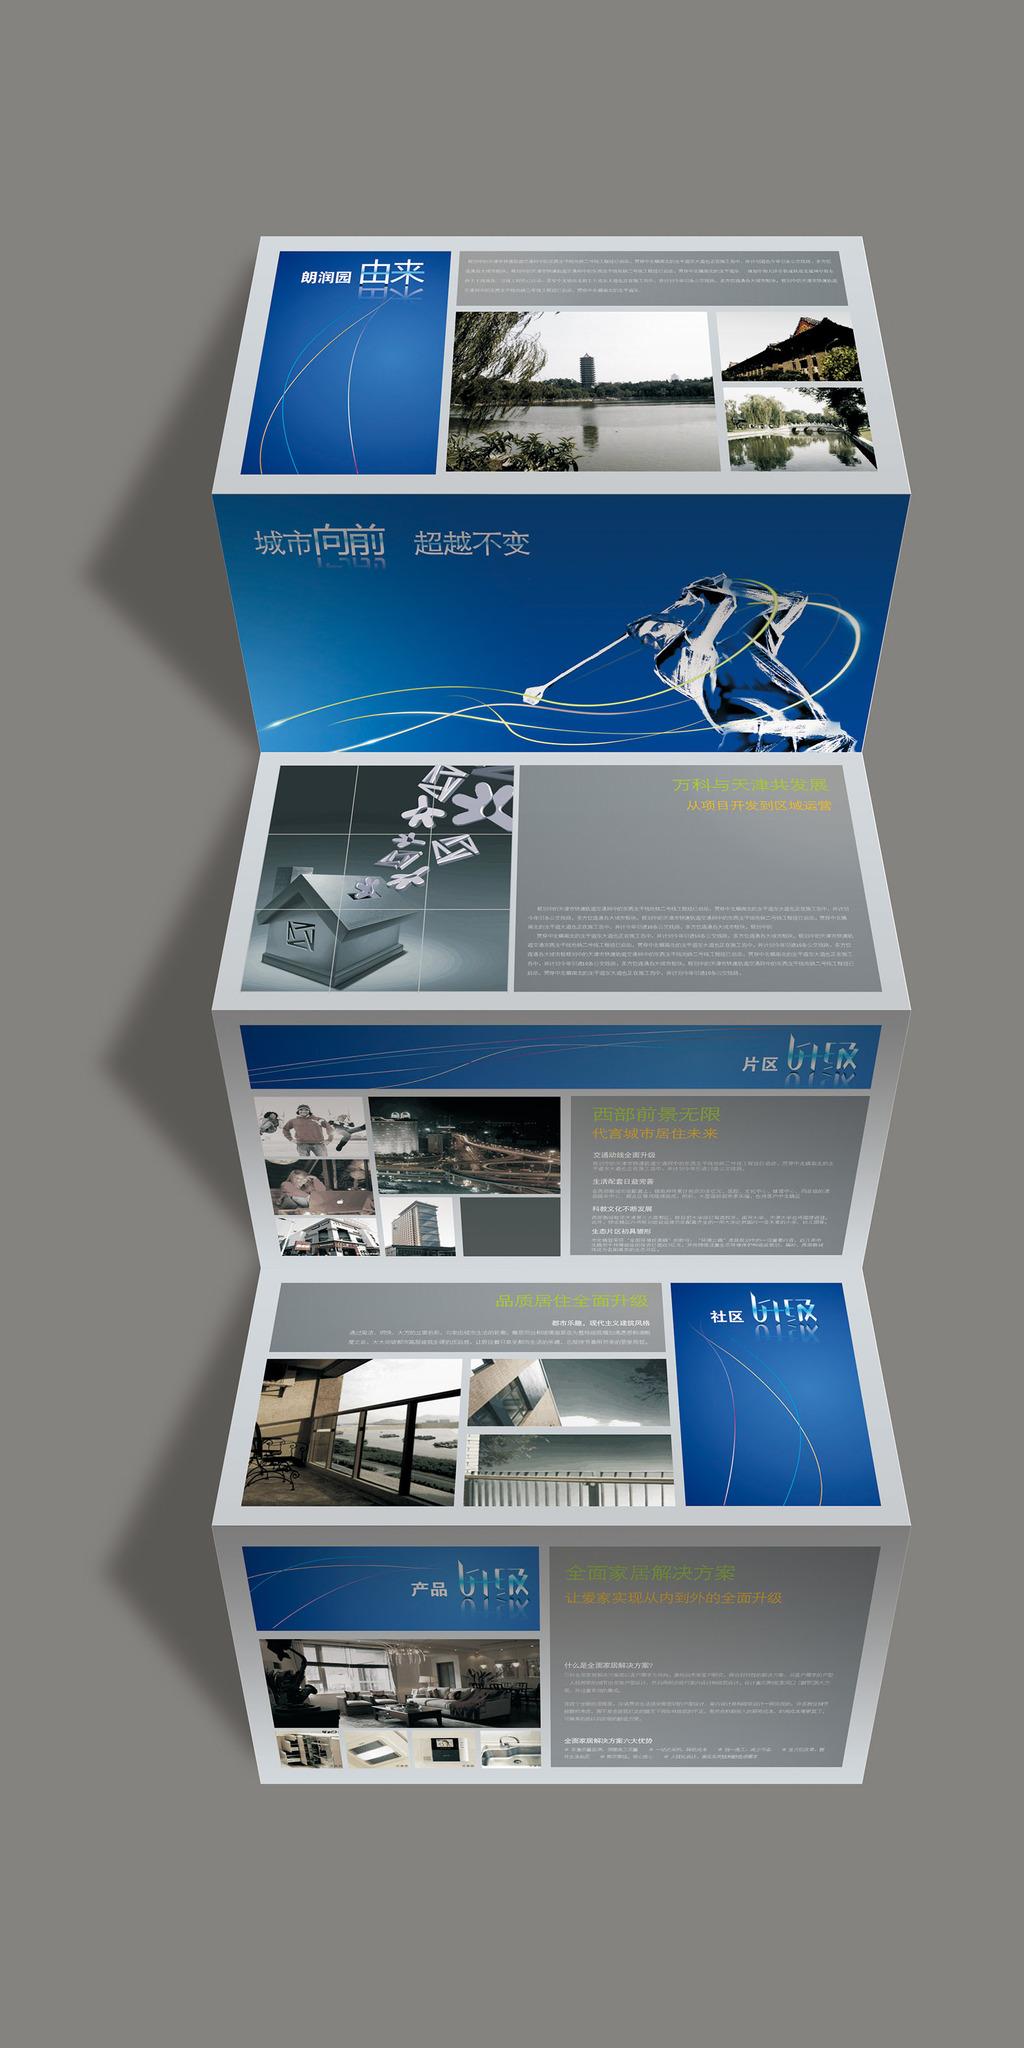 六折页设计模板下载 六折页设计图片下载